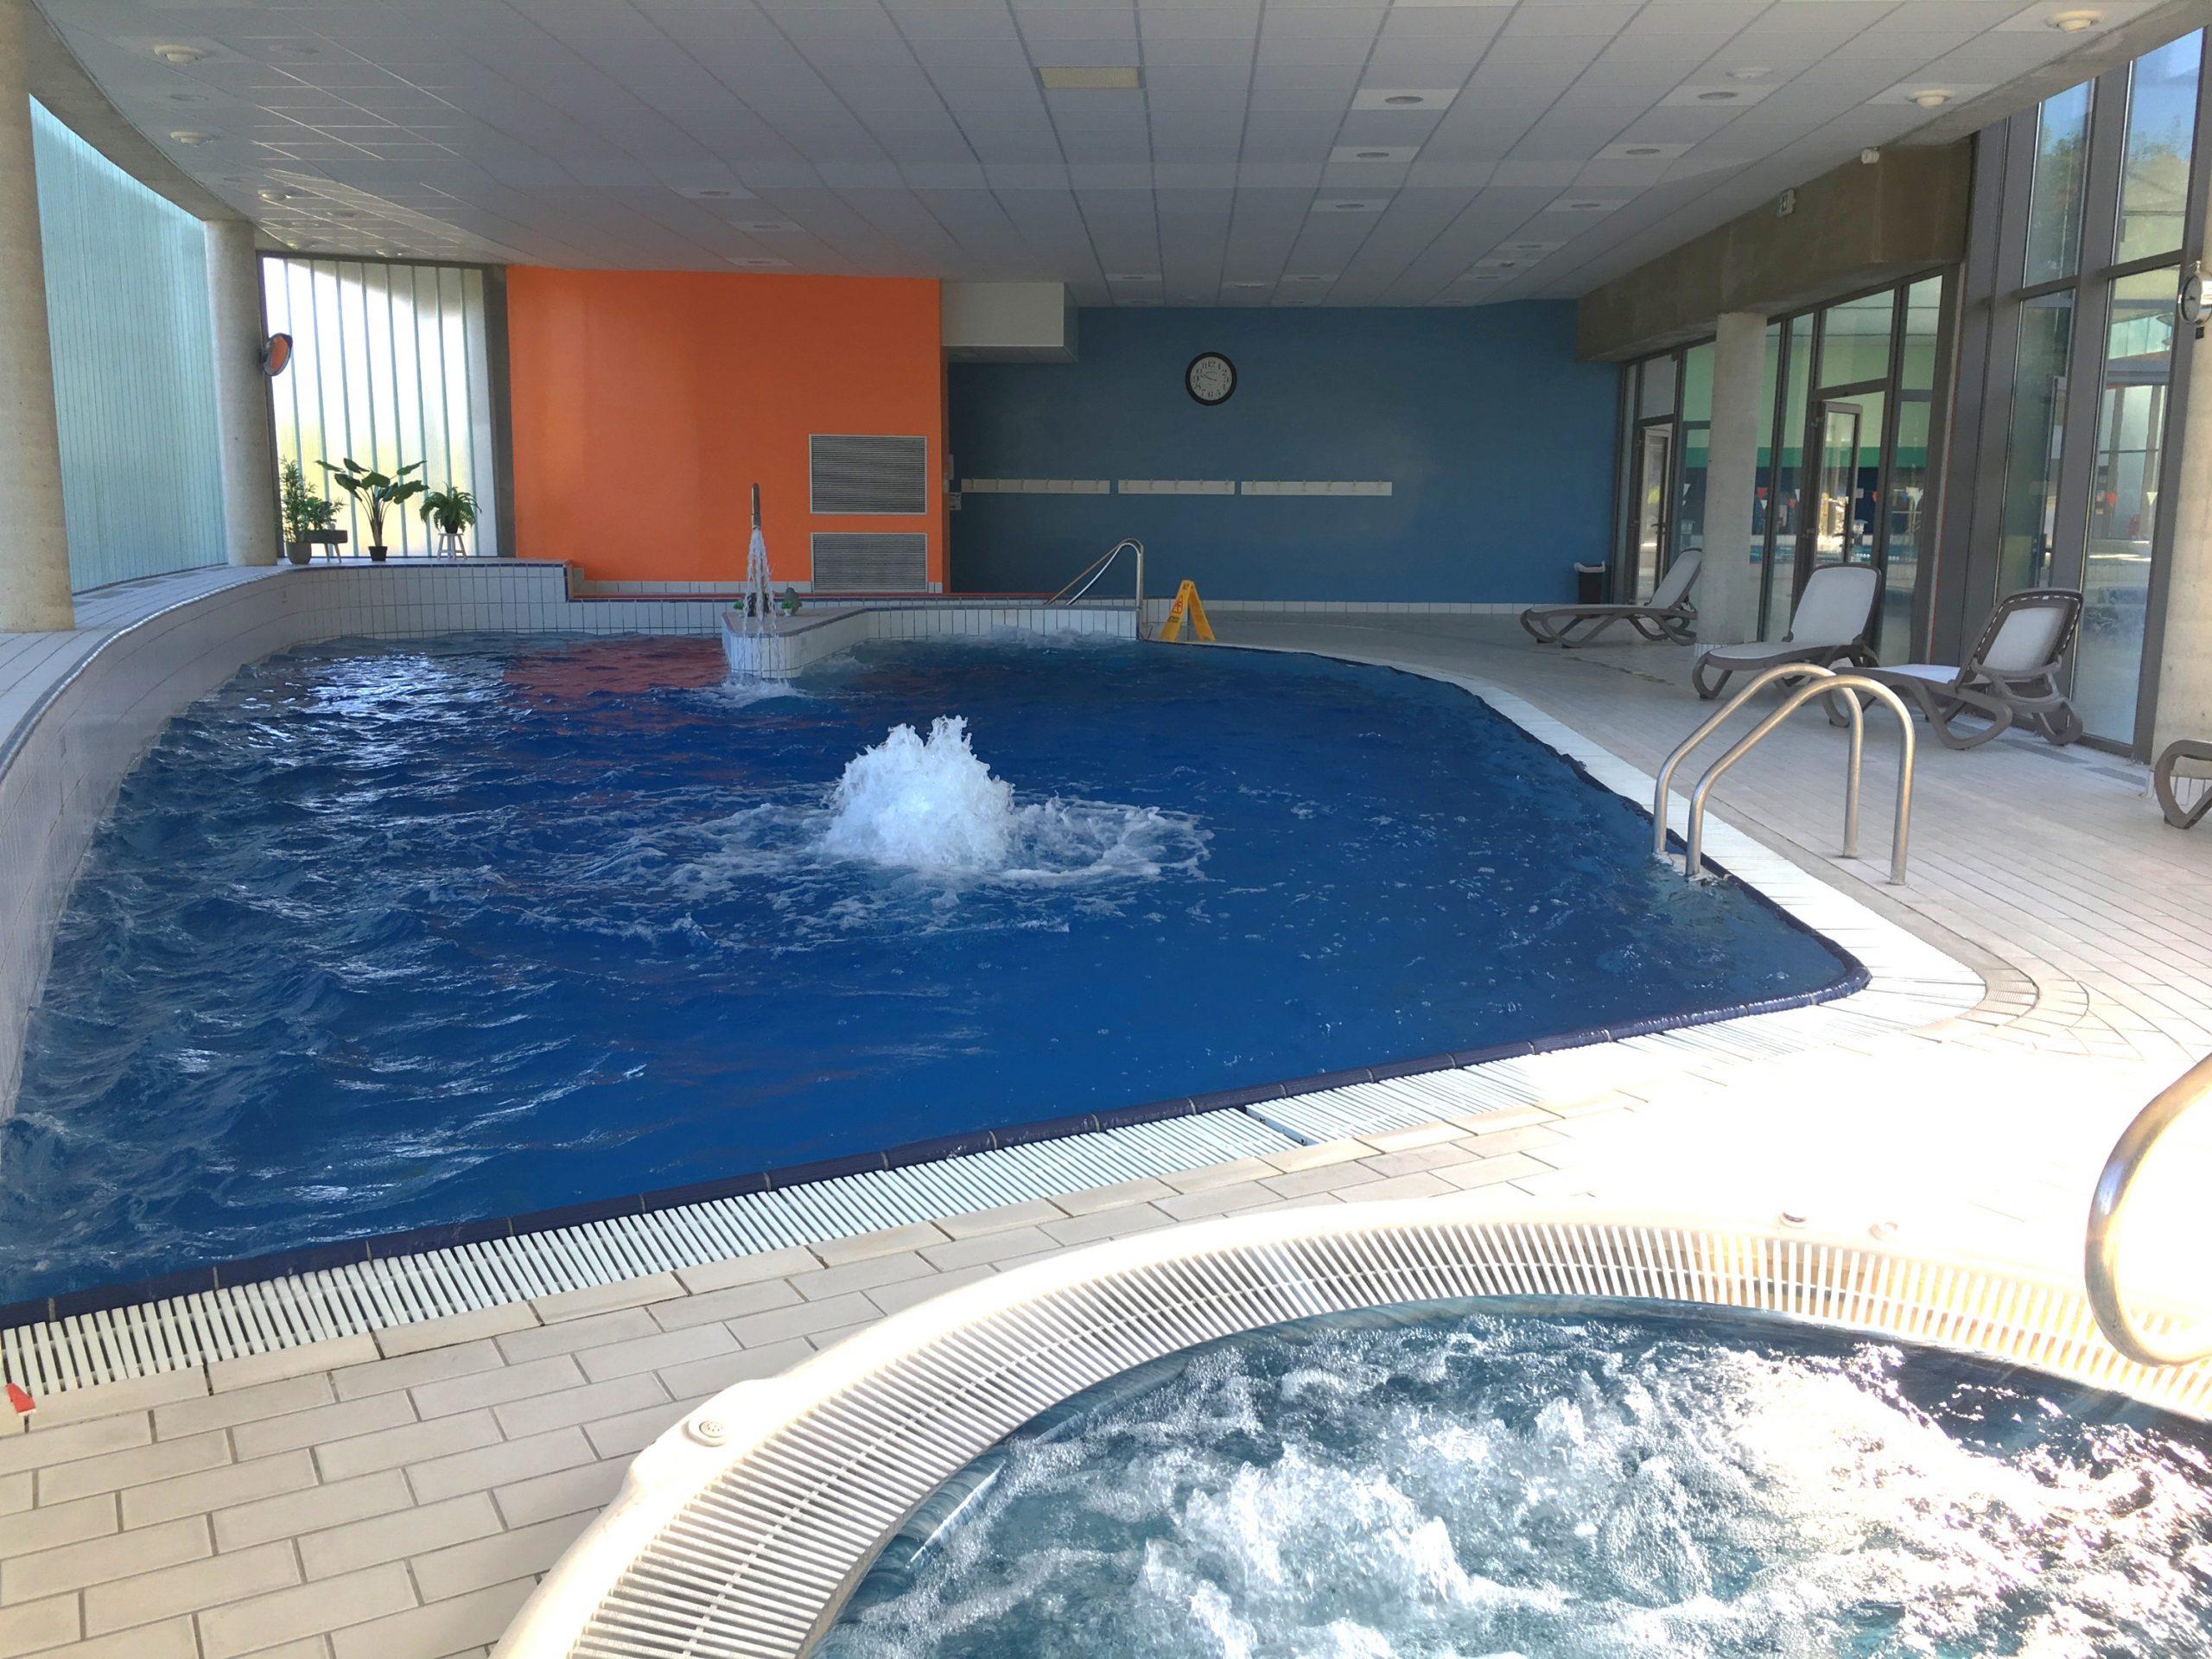 Centre Aquatique   Centre Aquatique Des Capucins   France dedans Piscine Coulommiers Horaires